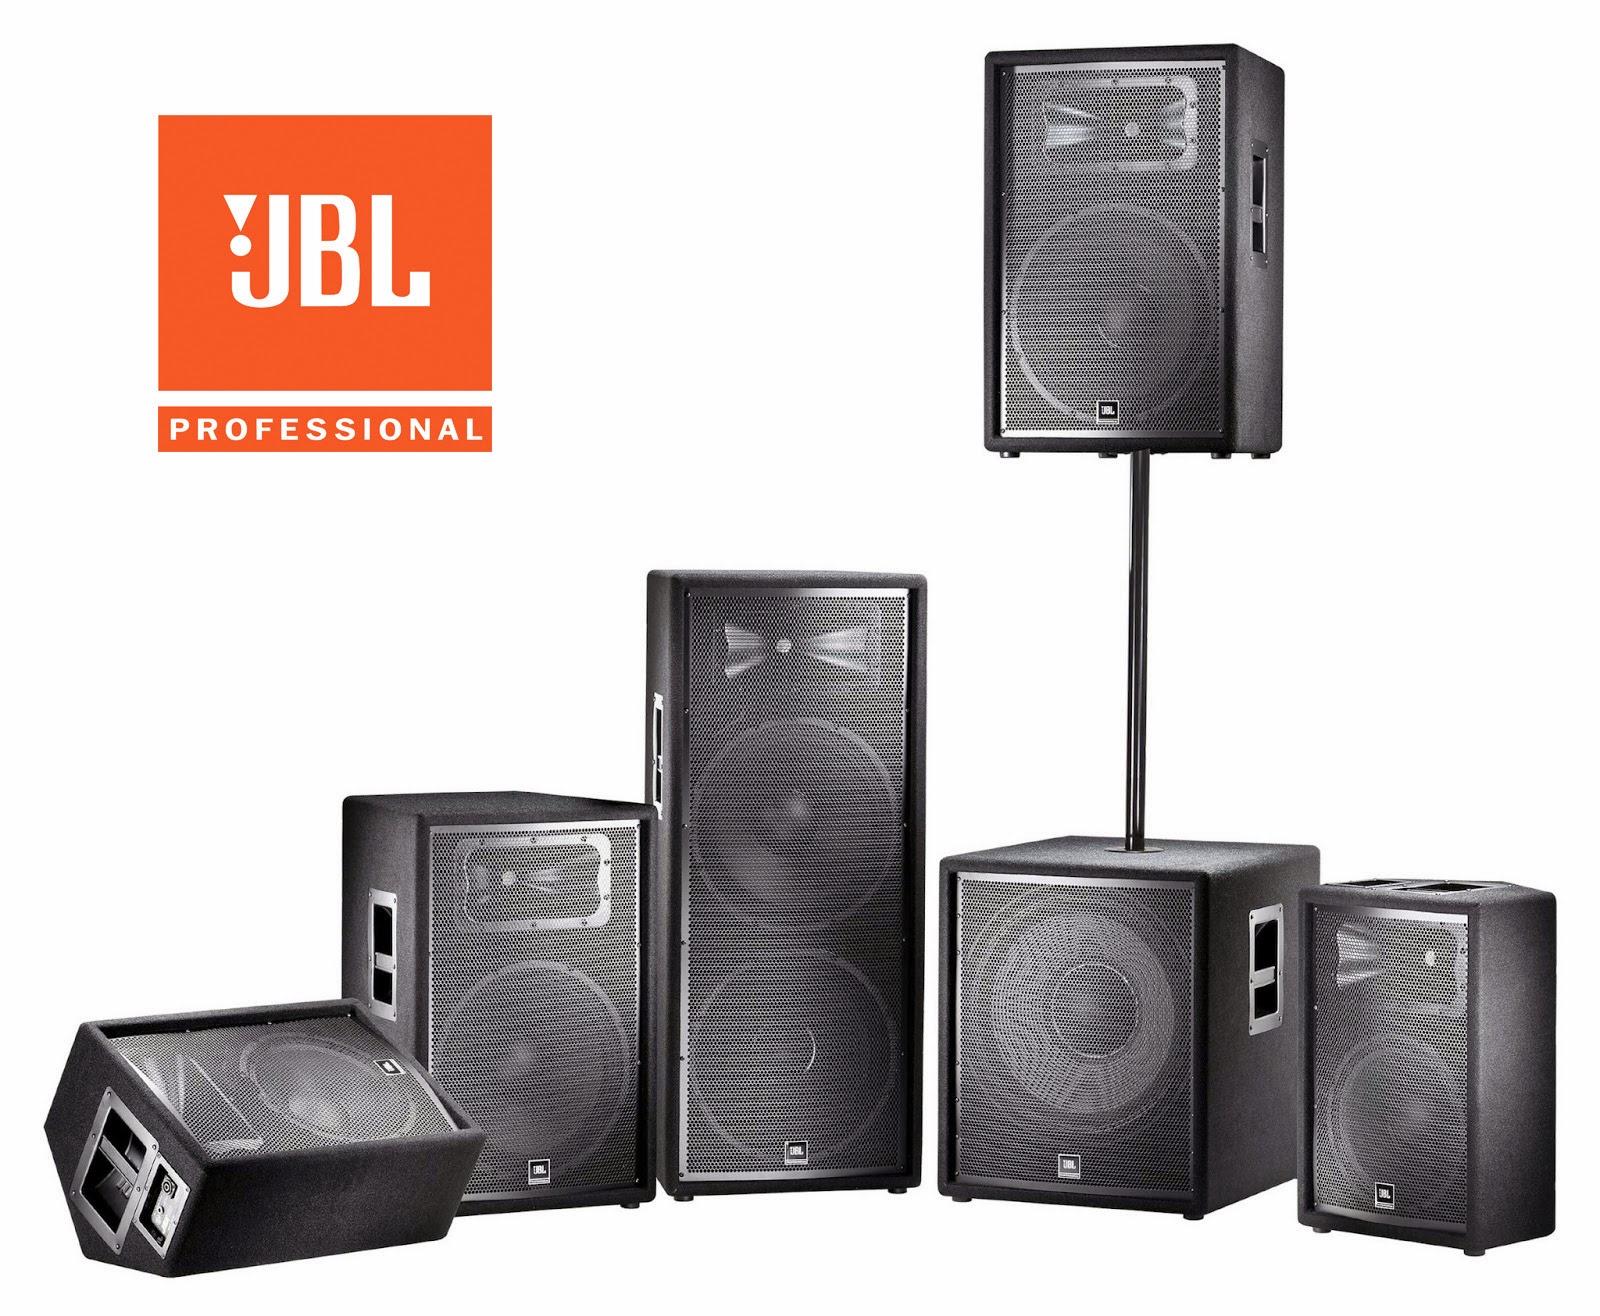 Equipo de sonido profesional equipos de sonido profesional - Muebles para equipo de sonido ...